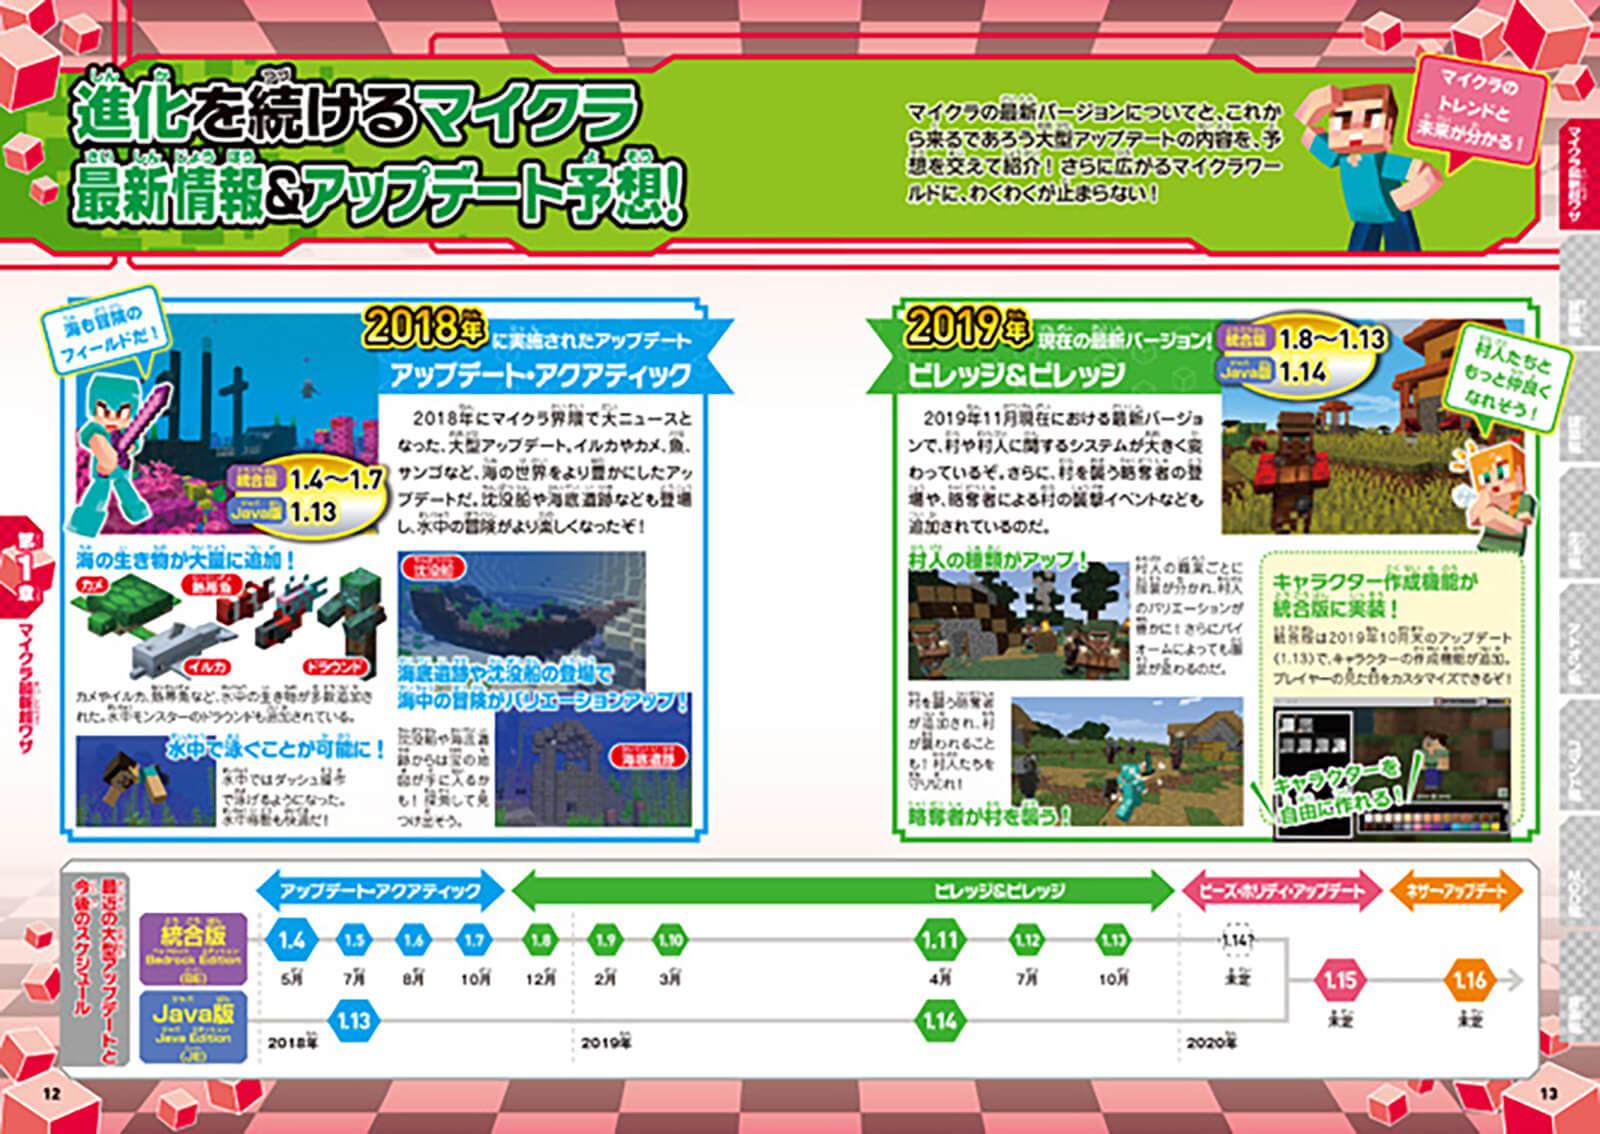 モード ゲーム マイクラ コマンド